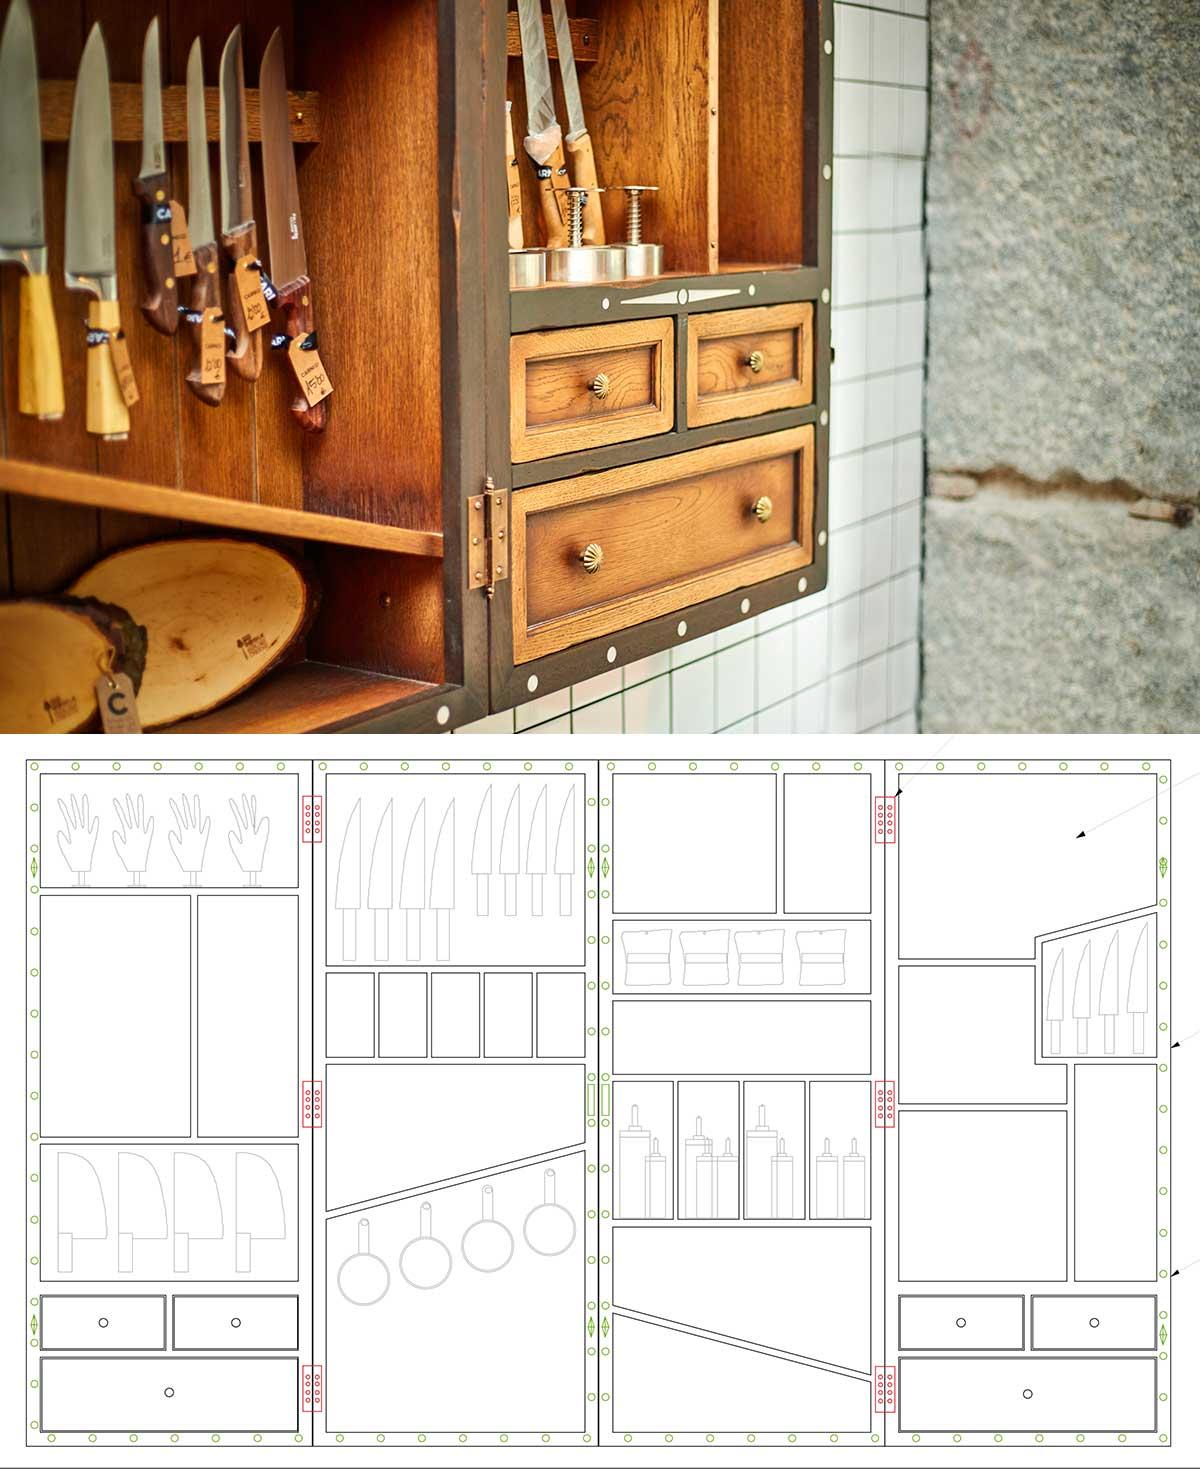 CARNIco proyecto de interiorismo comercial de Francisco Segarra.